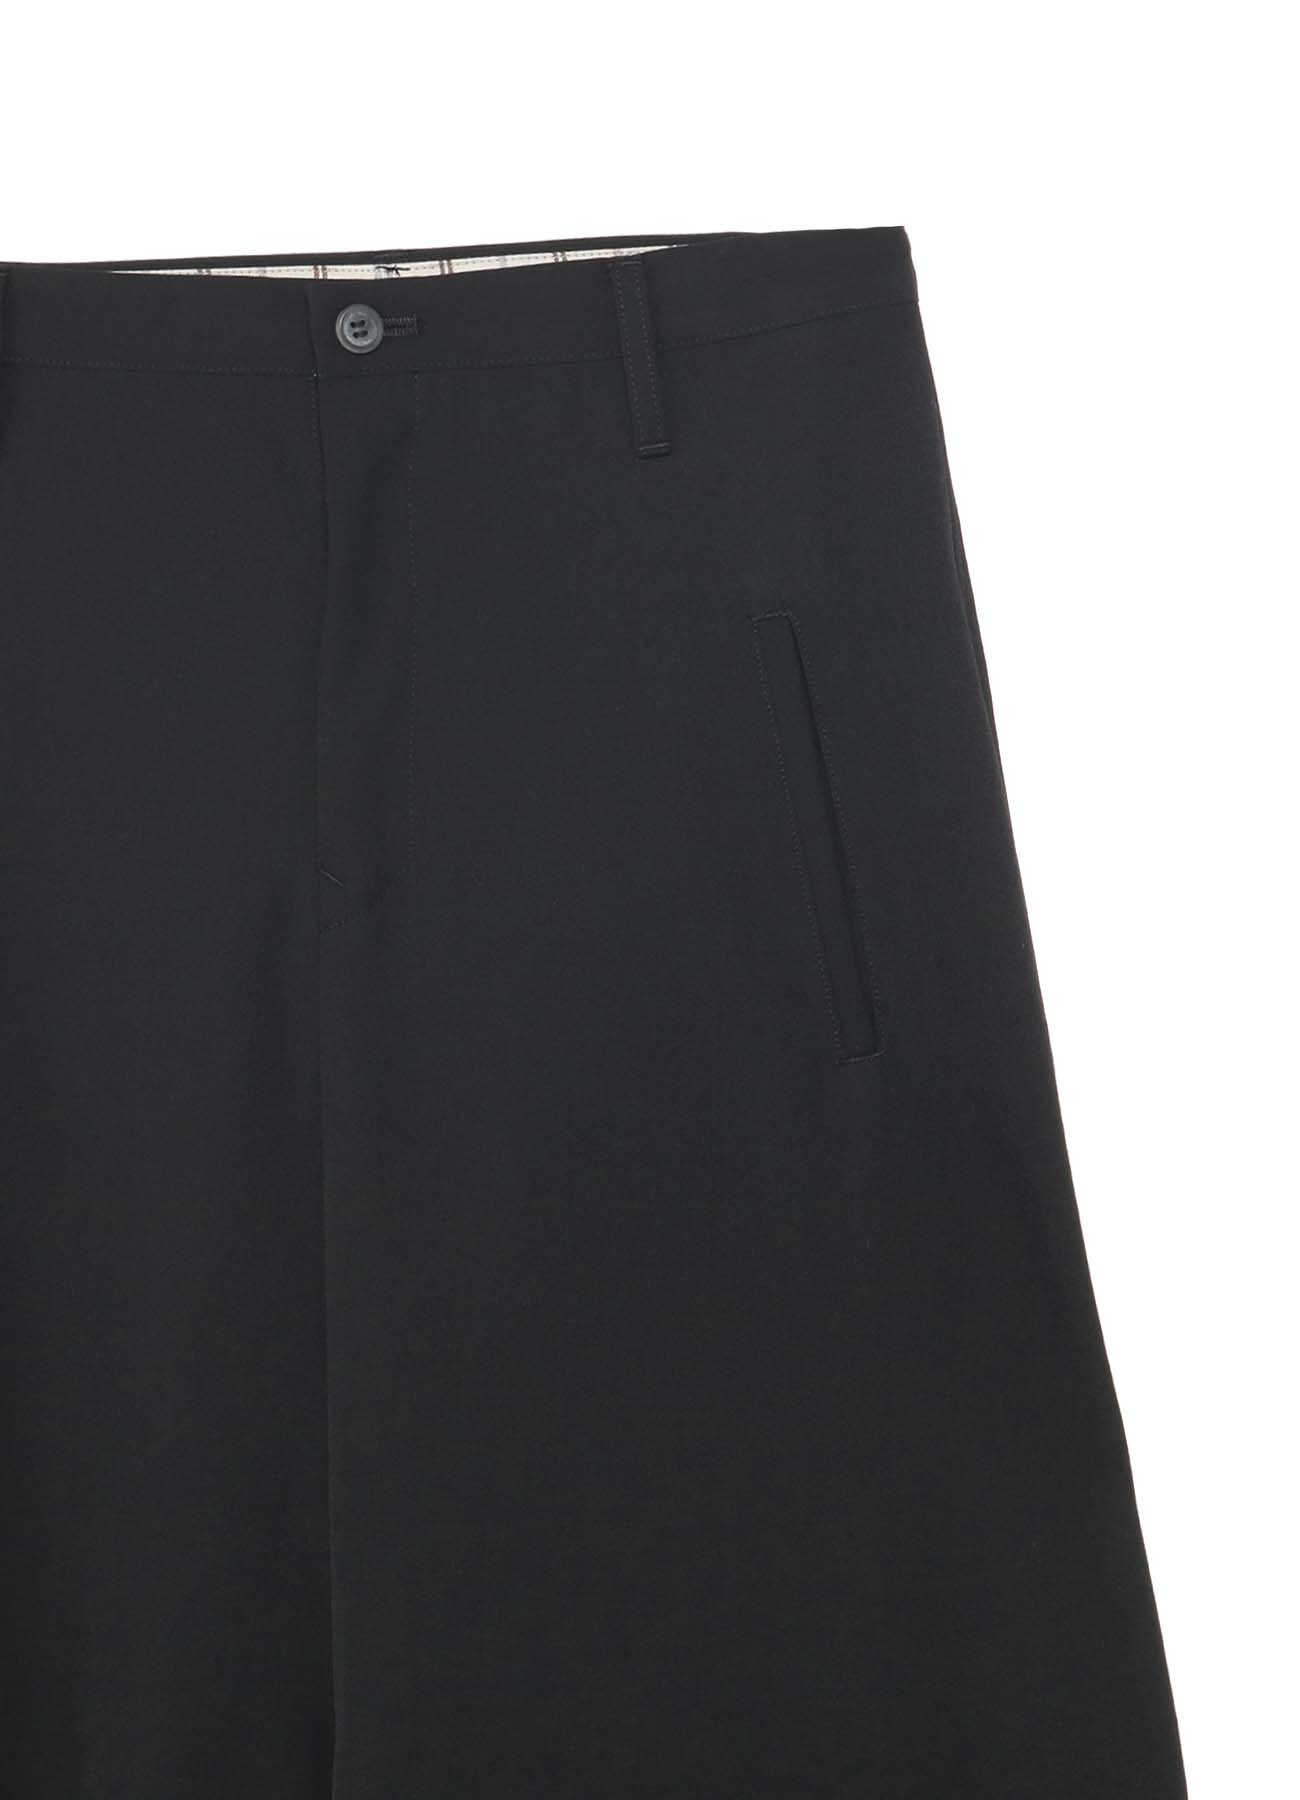 シワギャバ アシンメトリースカート